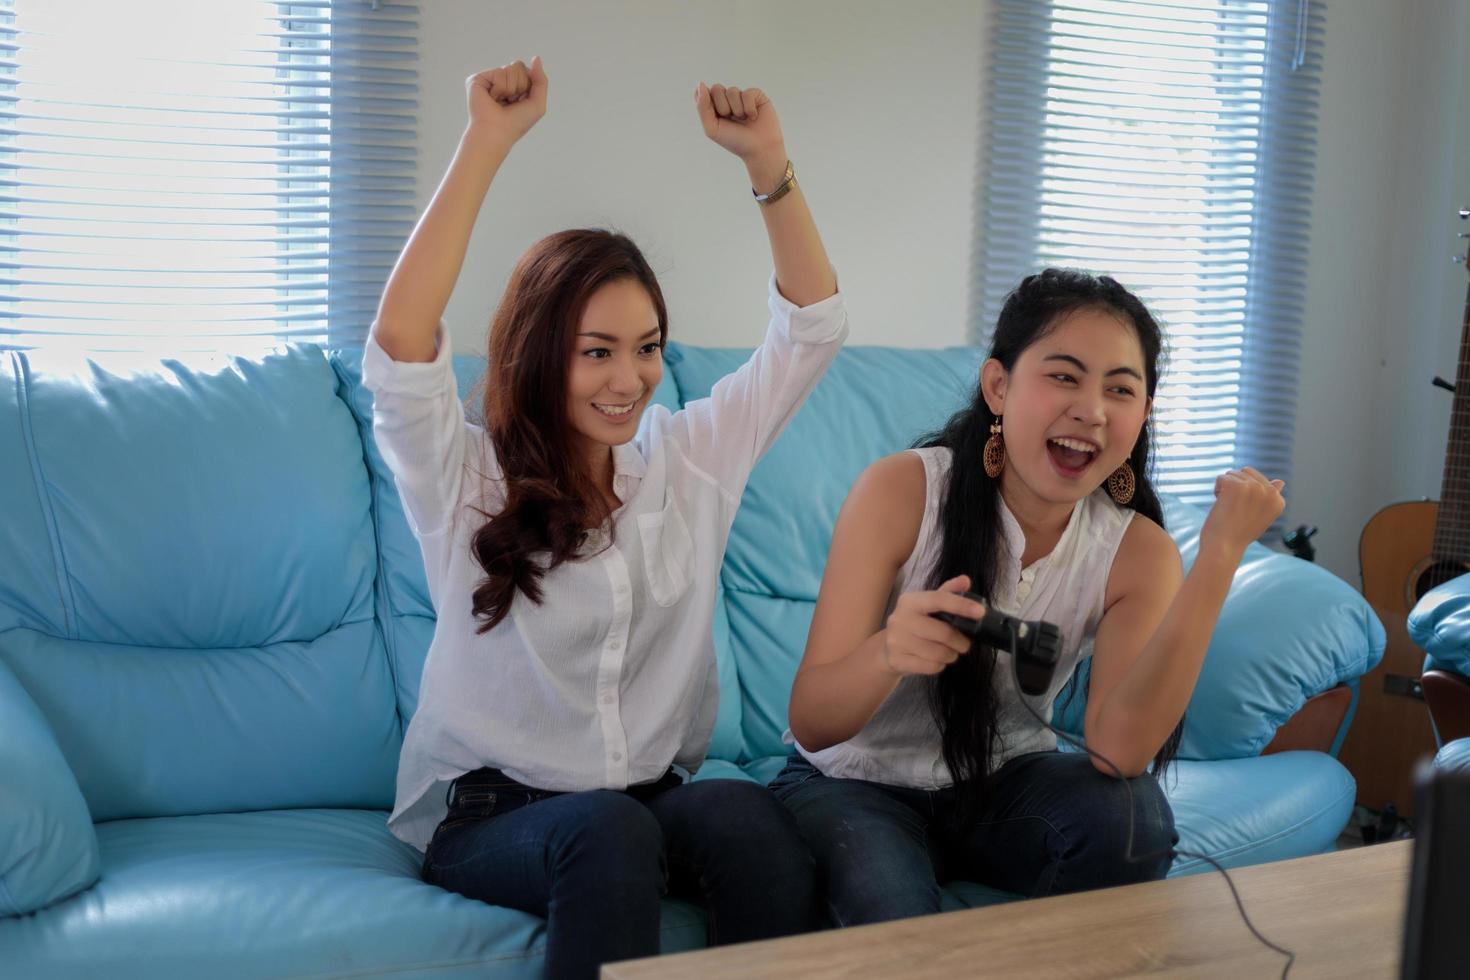 donne asiatiche che giocano a videogiochi a casa foto